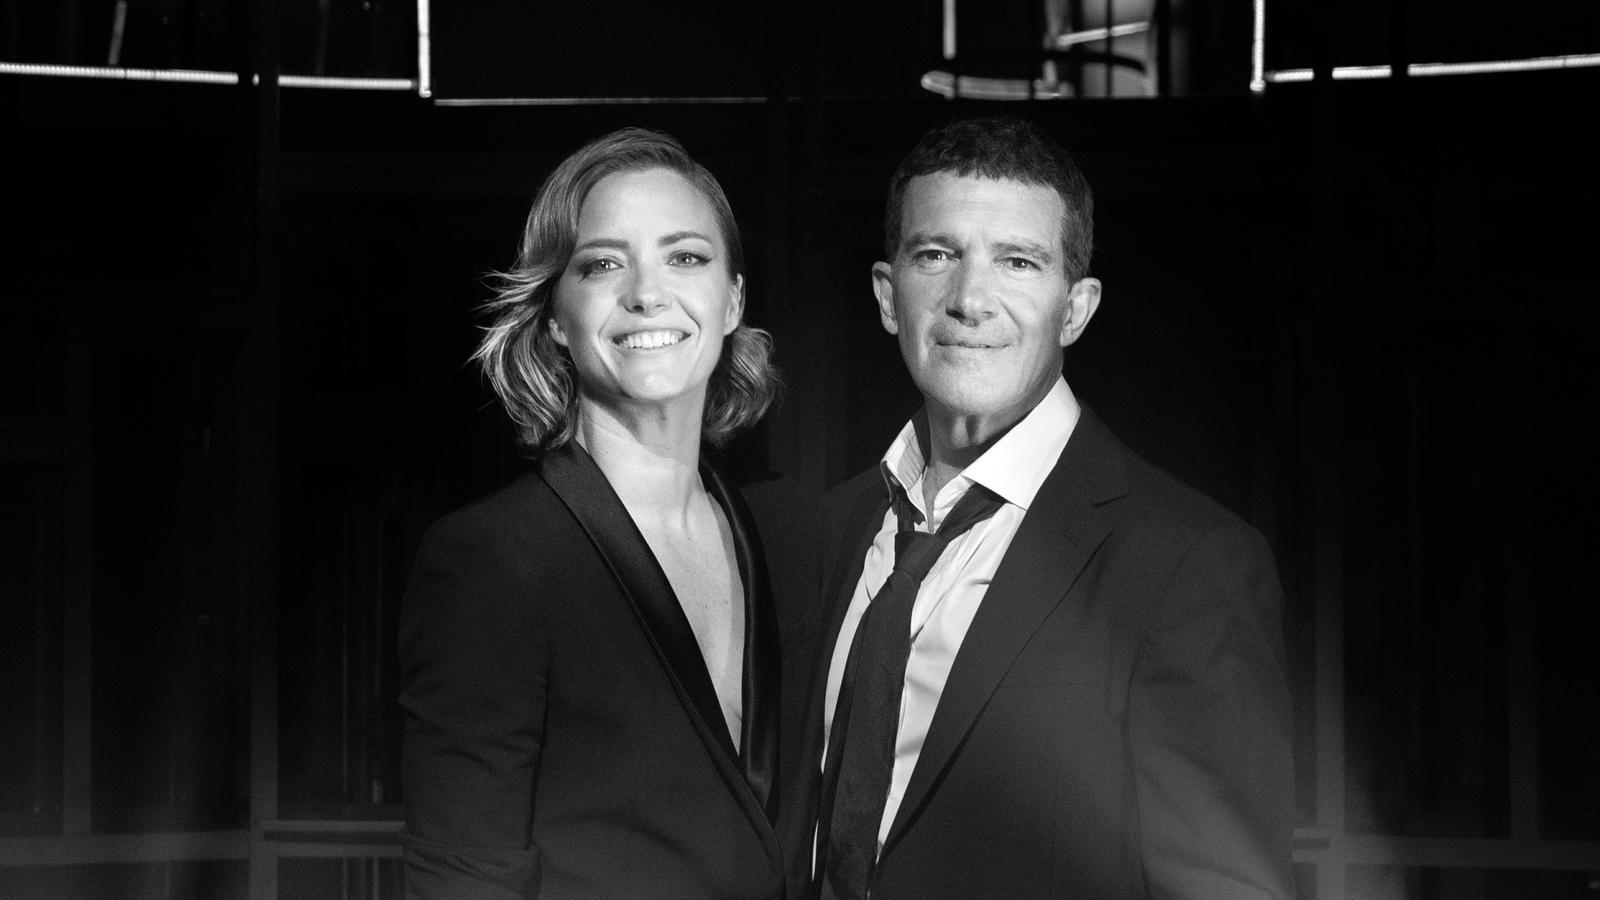 Antonio Banderas i María Casado presentaran un programa sobre música a Amazon Prime Video